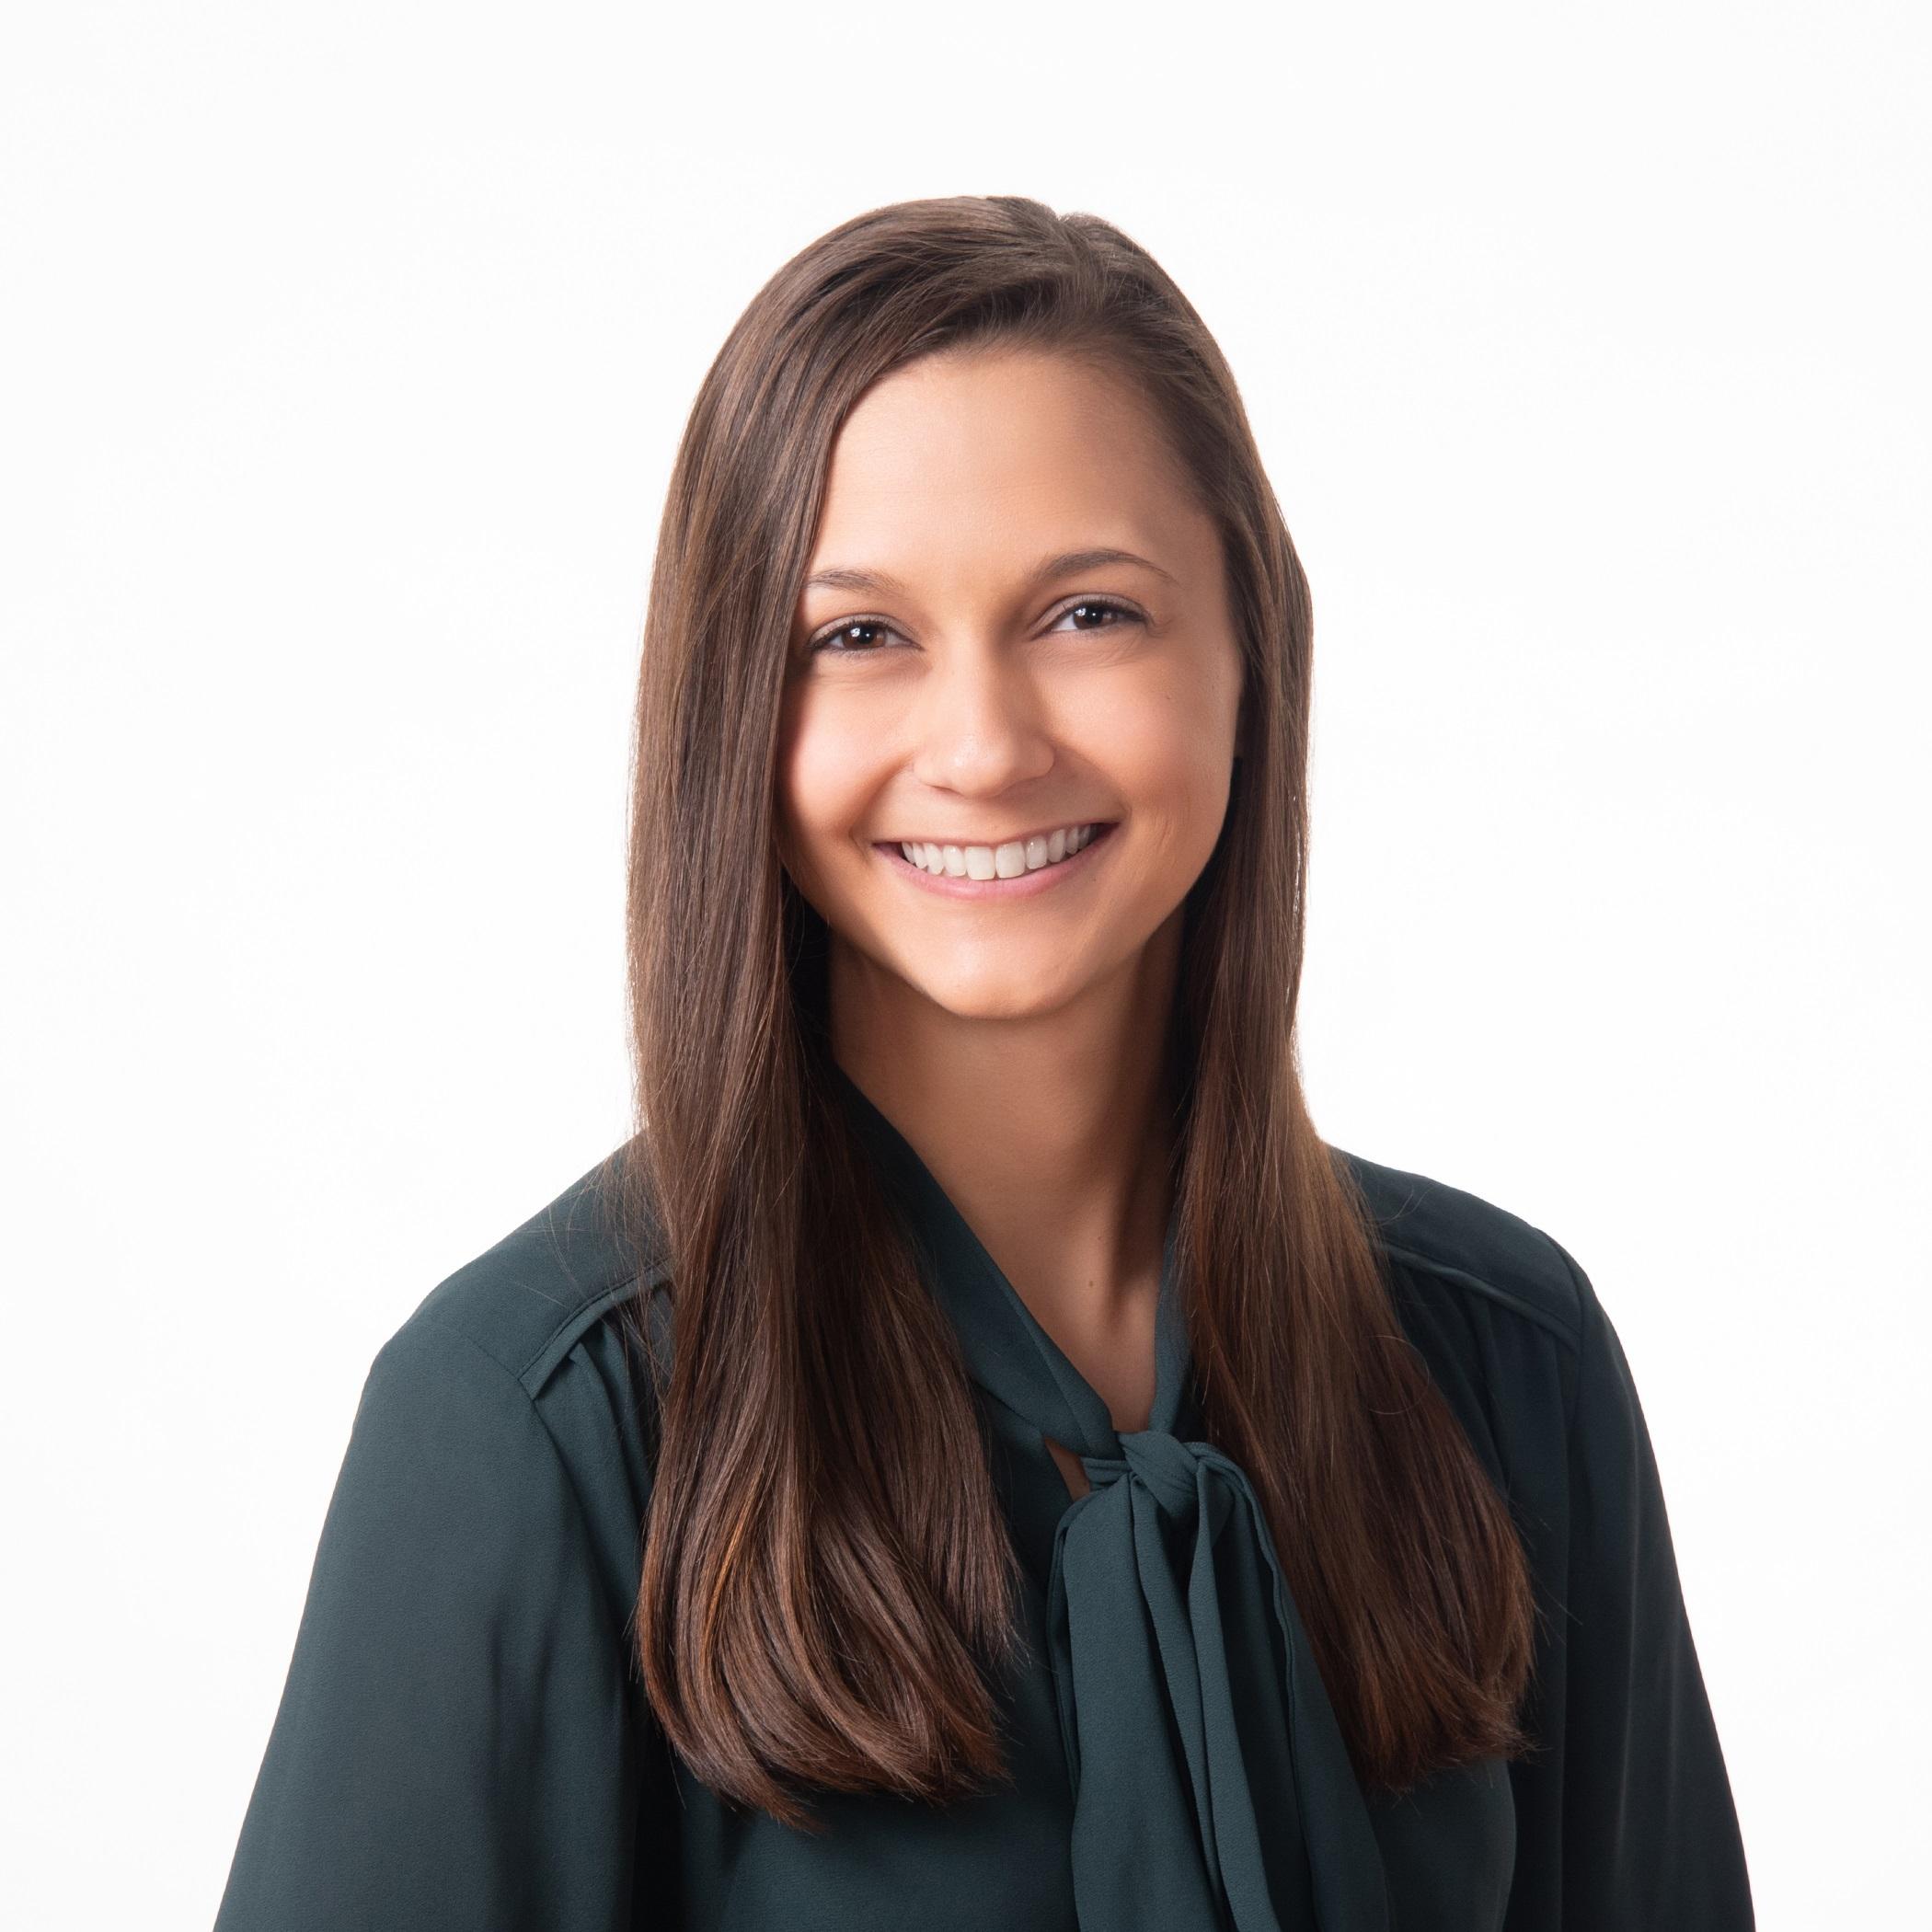 Courtney Chludzinski